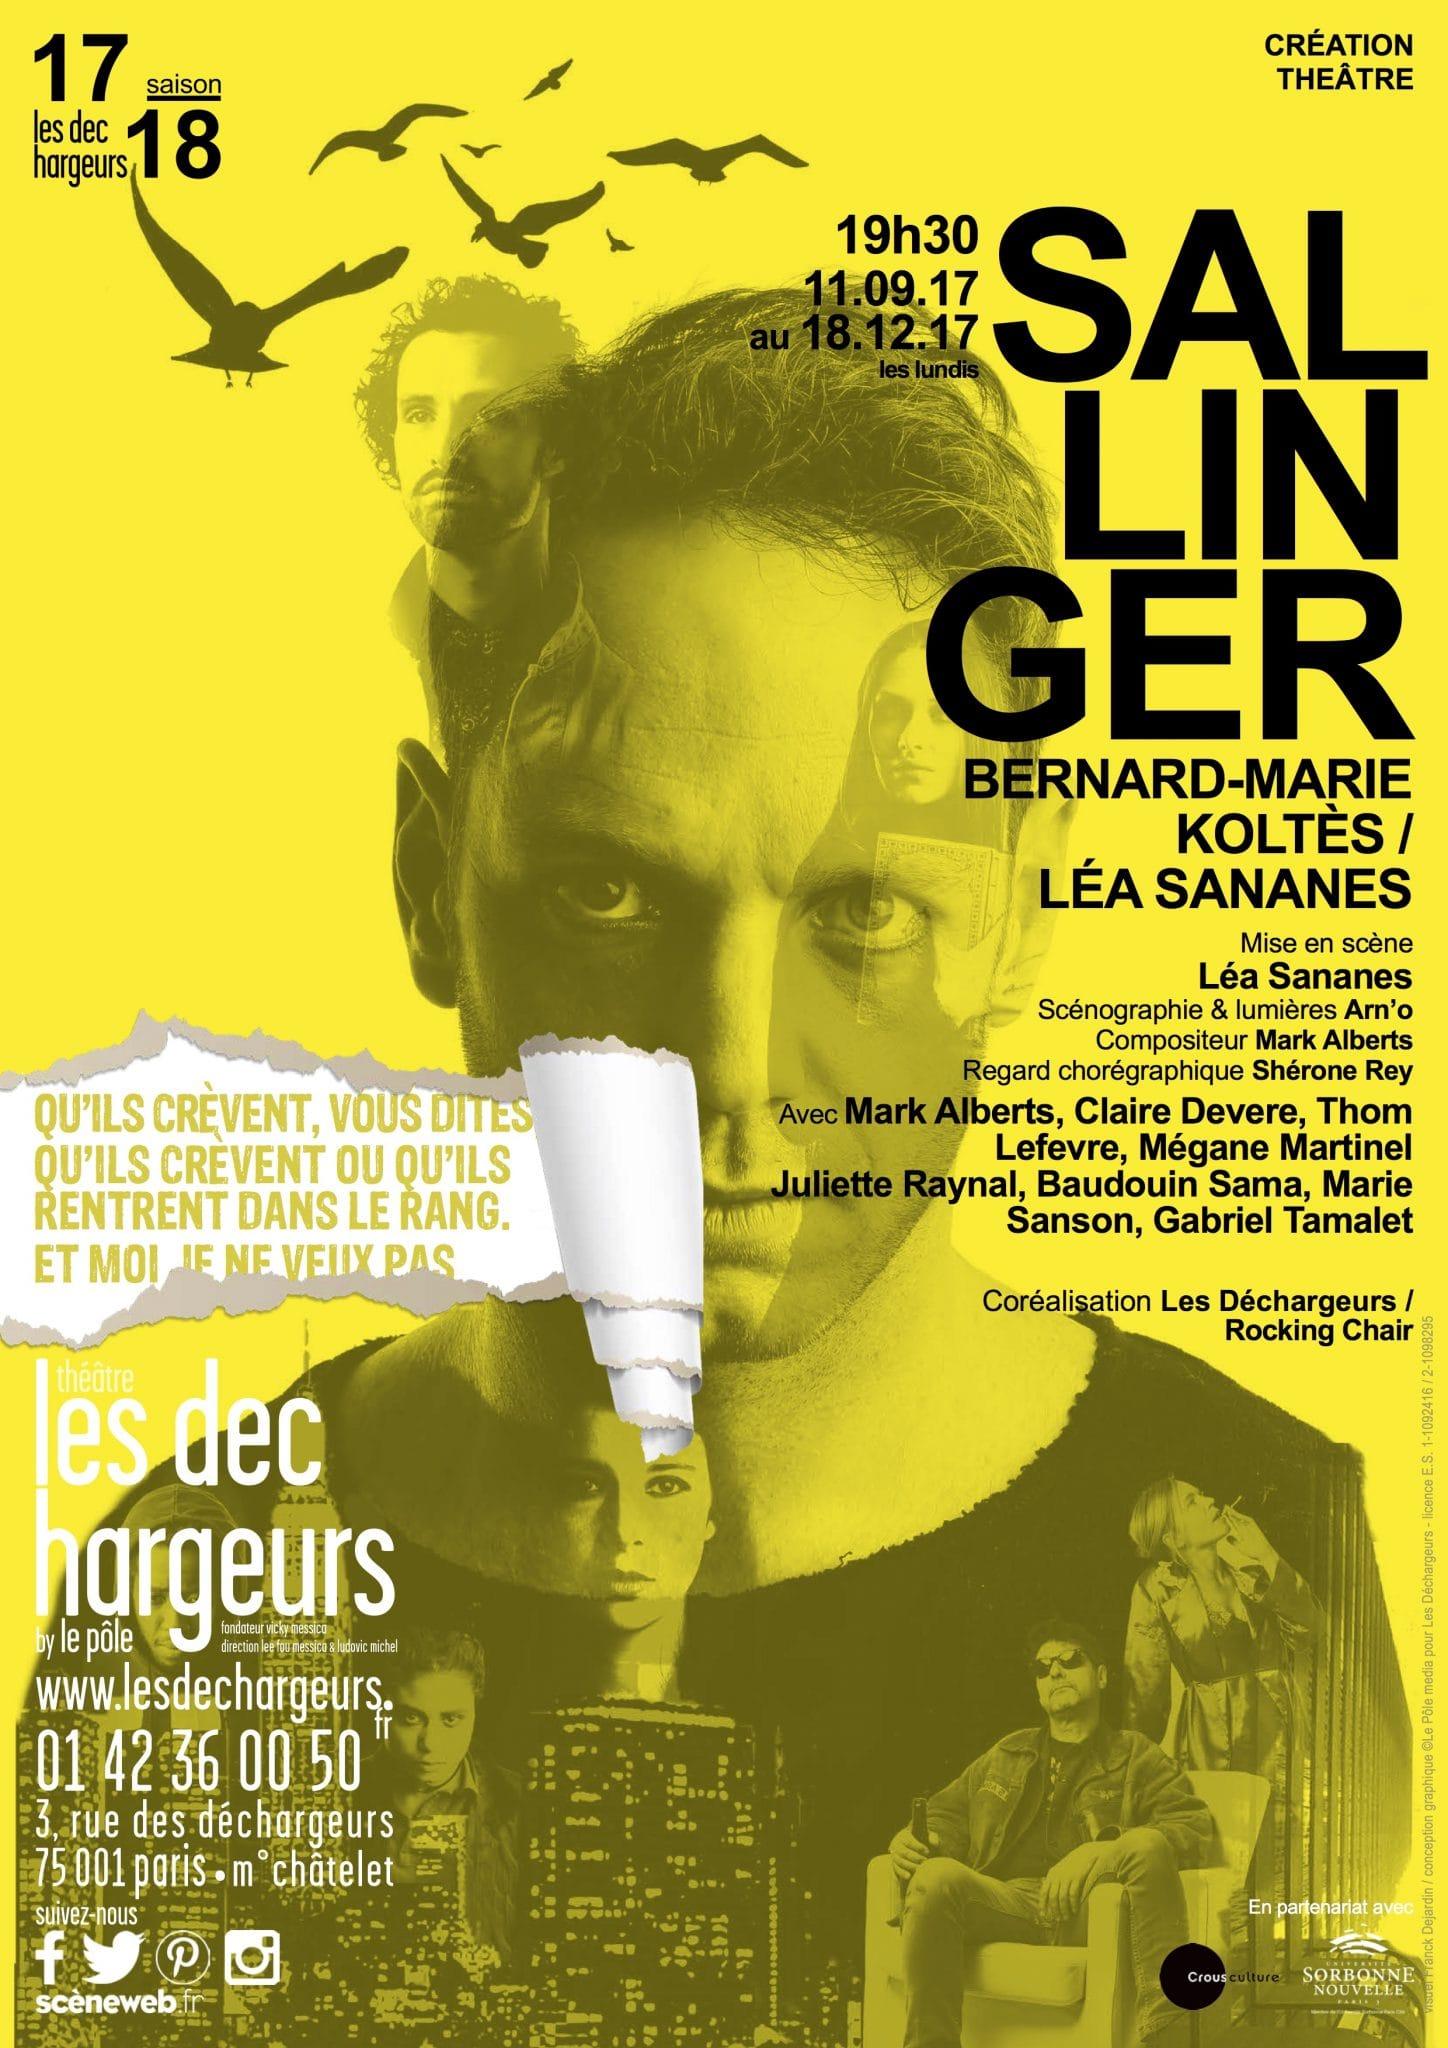 Sallinger Léa Sananes affiche